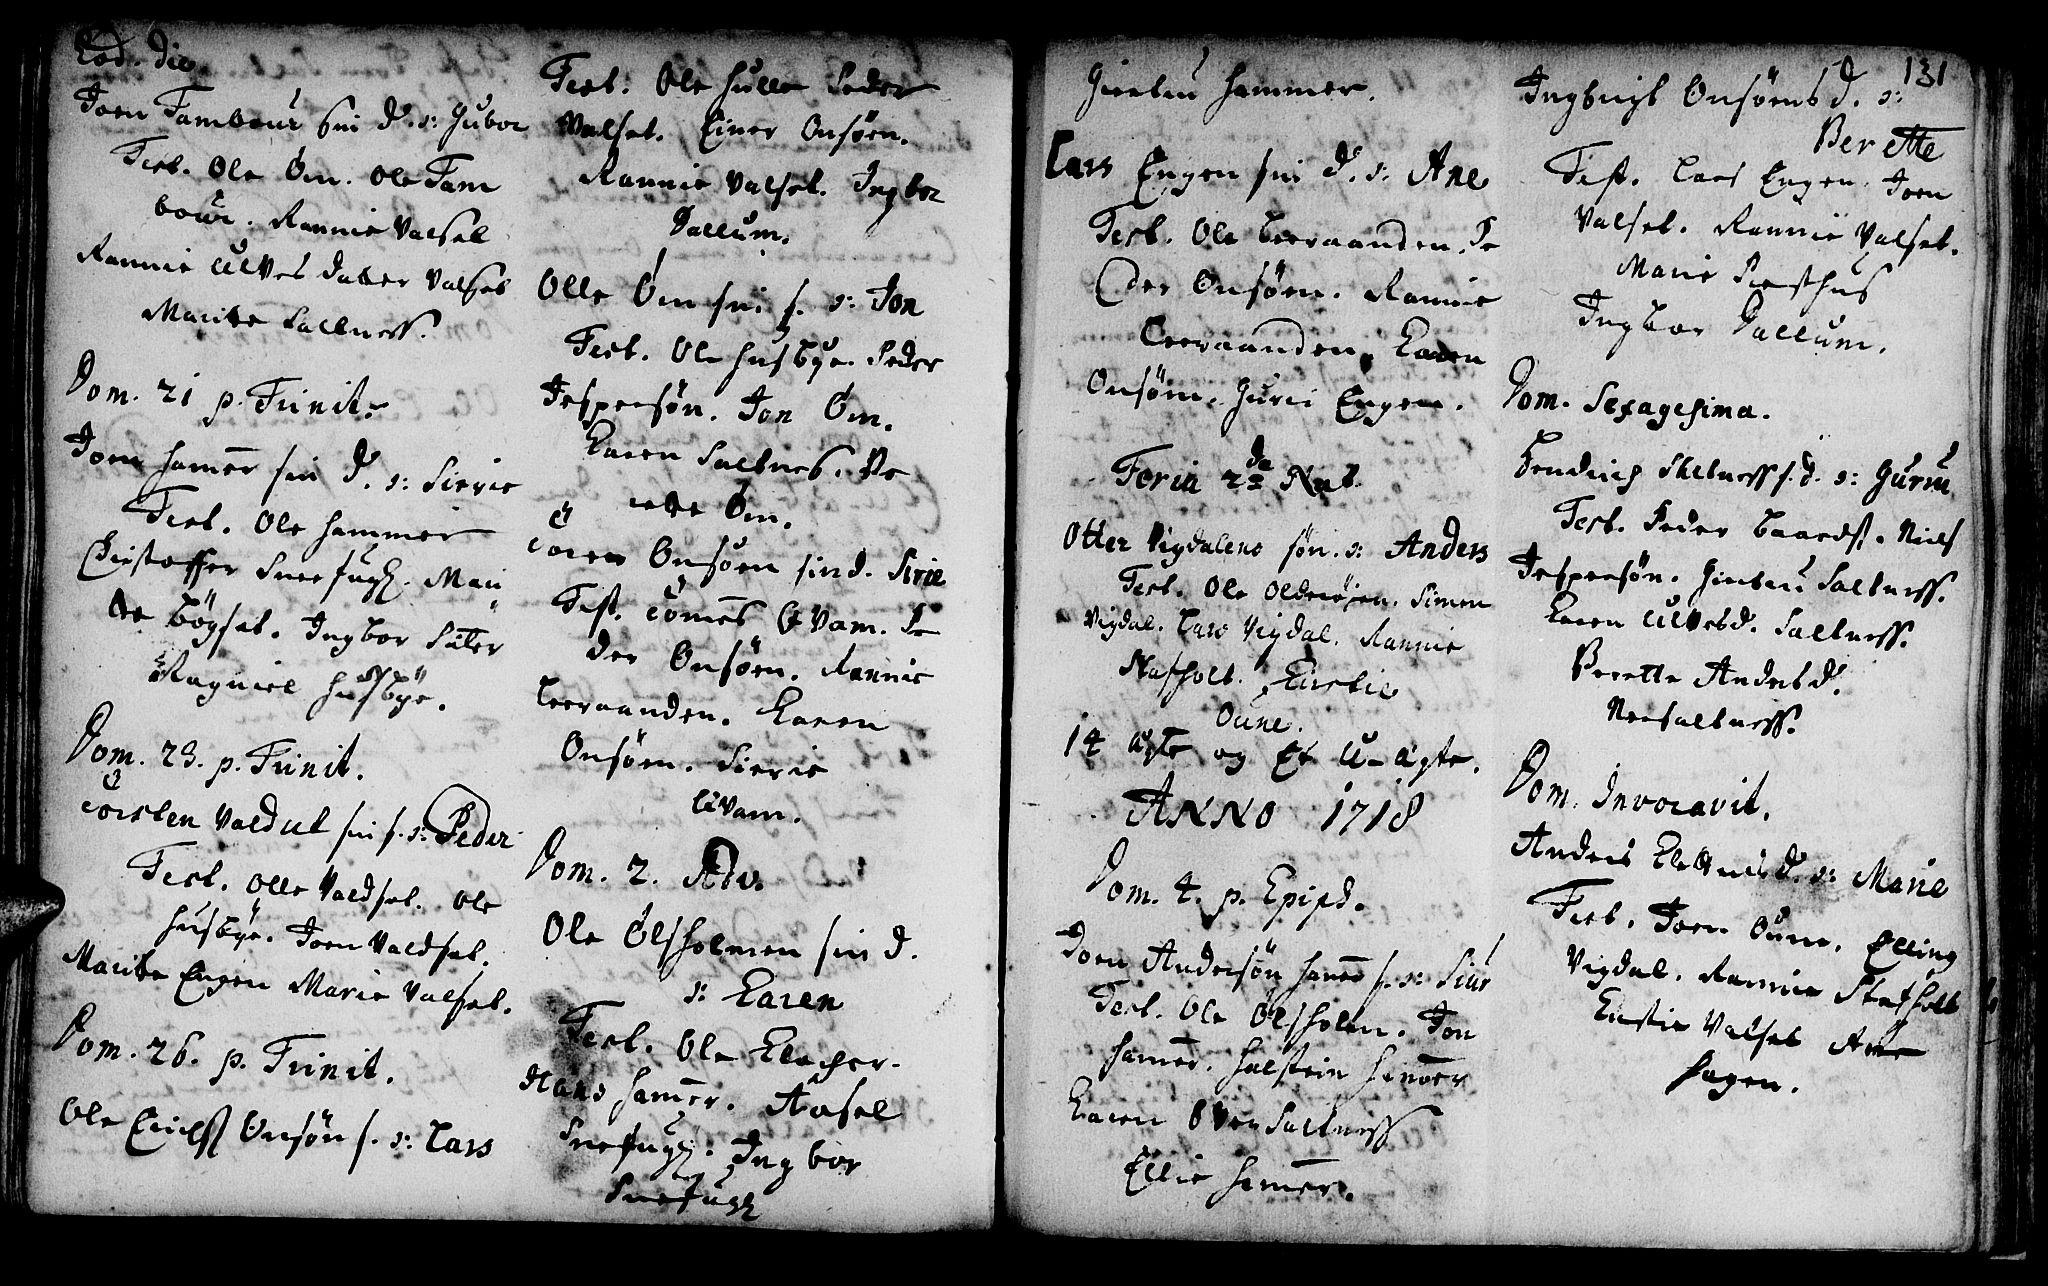 SAT, Ministerialprotokoller, klokkerbøker og fødselsregistre - Sør-Trøndelag, 666/L0783: Ministerialbok nr. 666A01, 1702-1753, s. 131